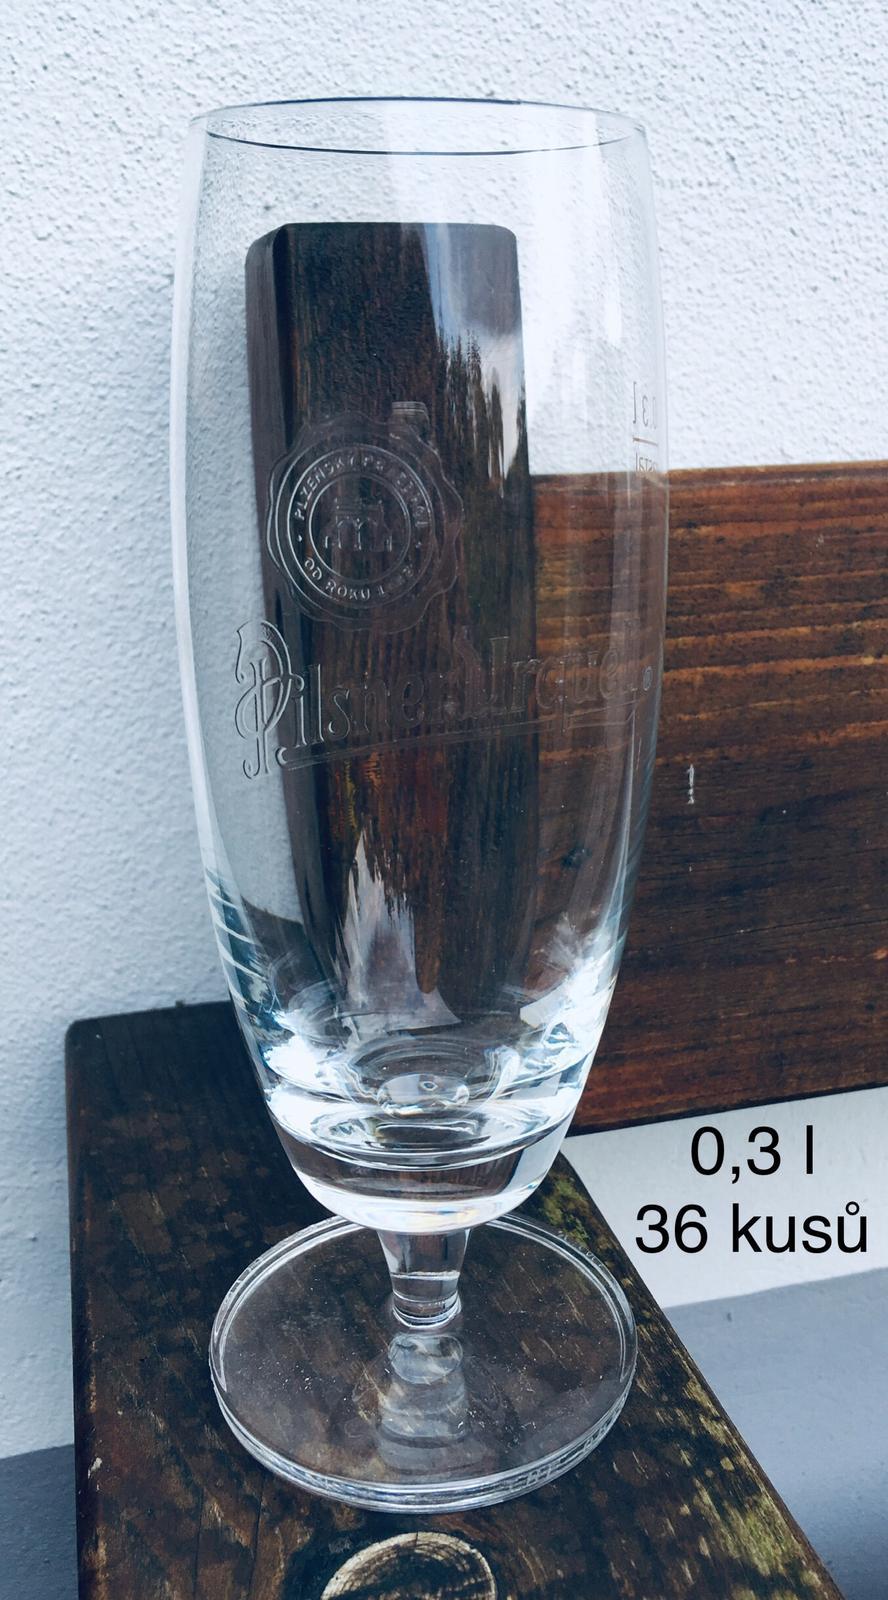 Pivní sklenice - Obrázek č. 1